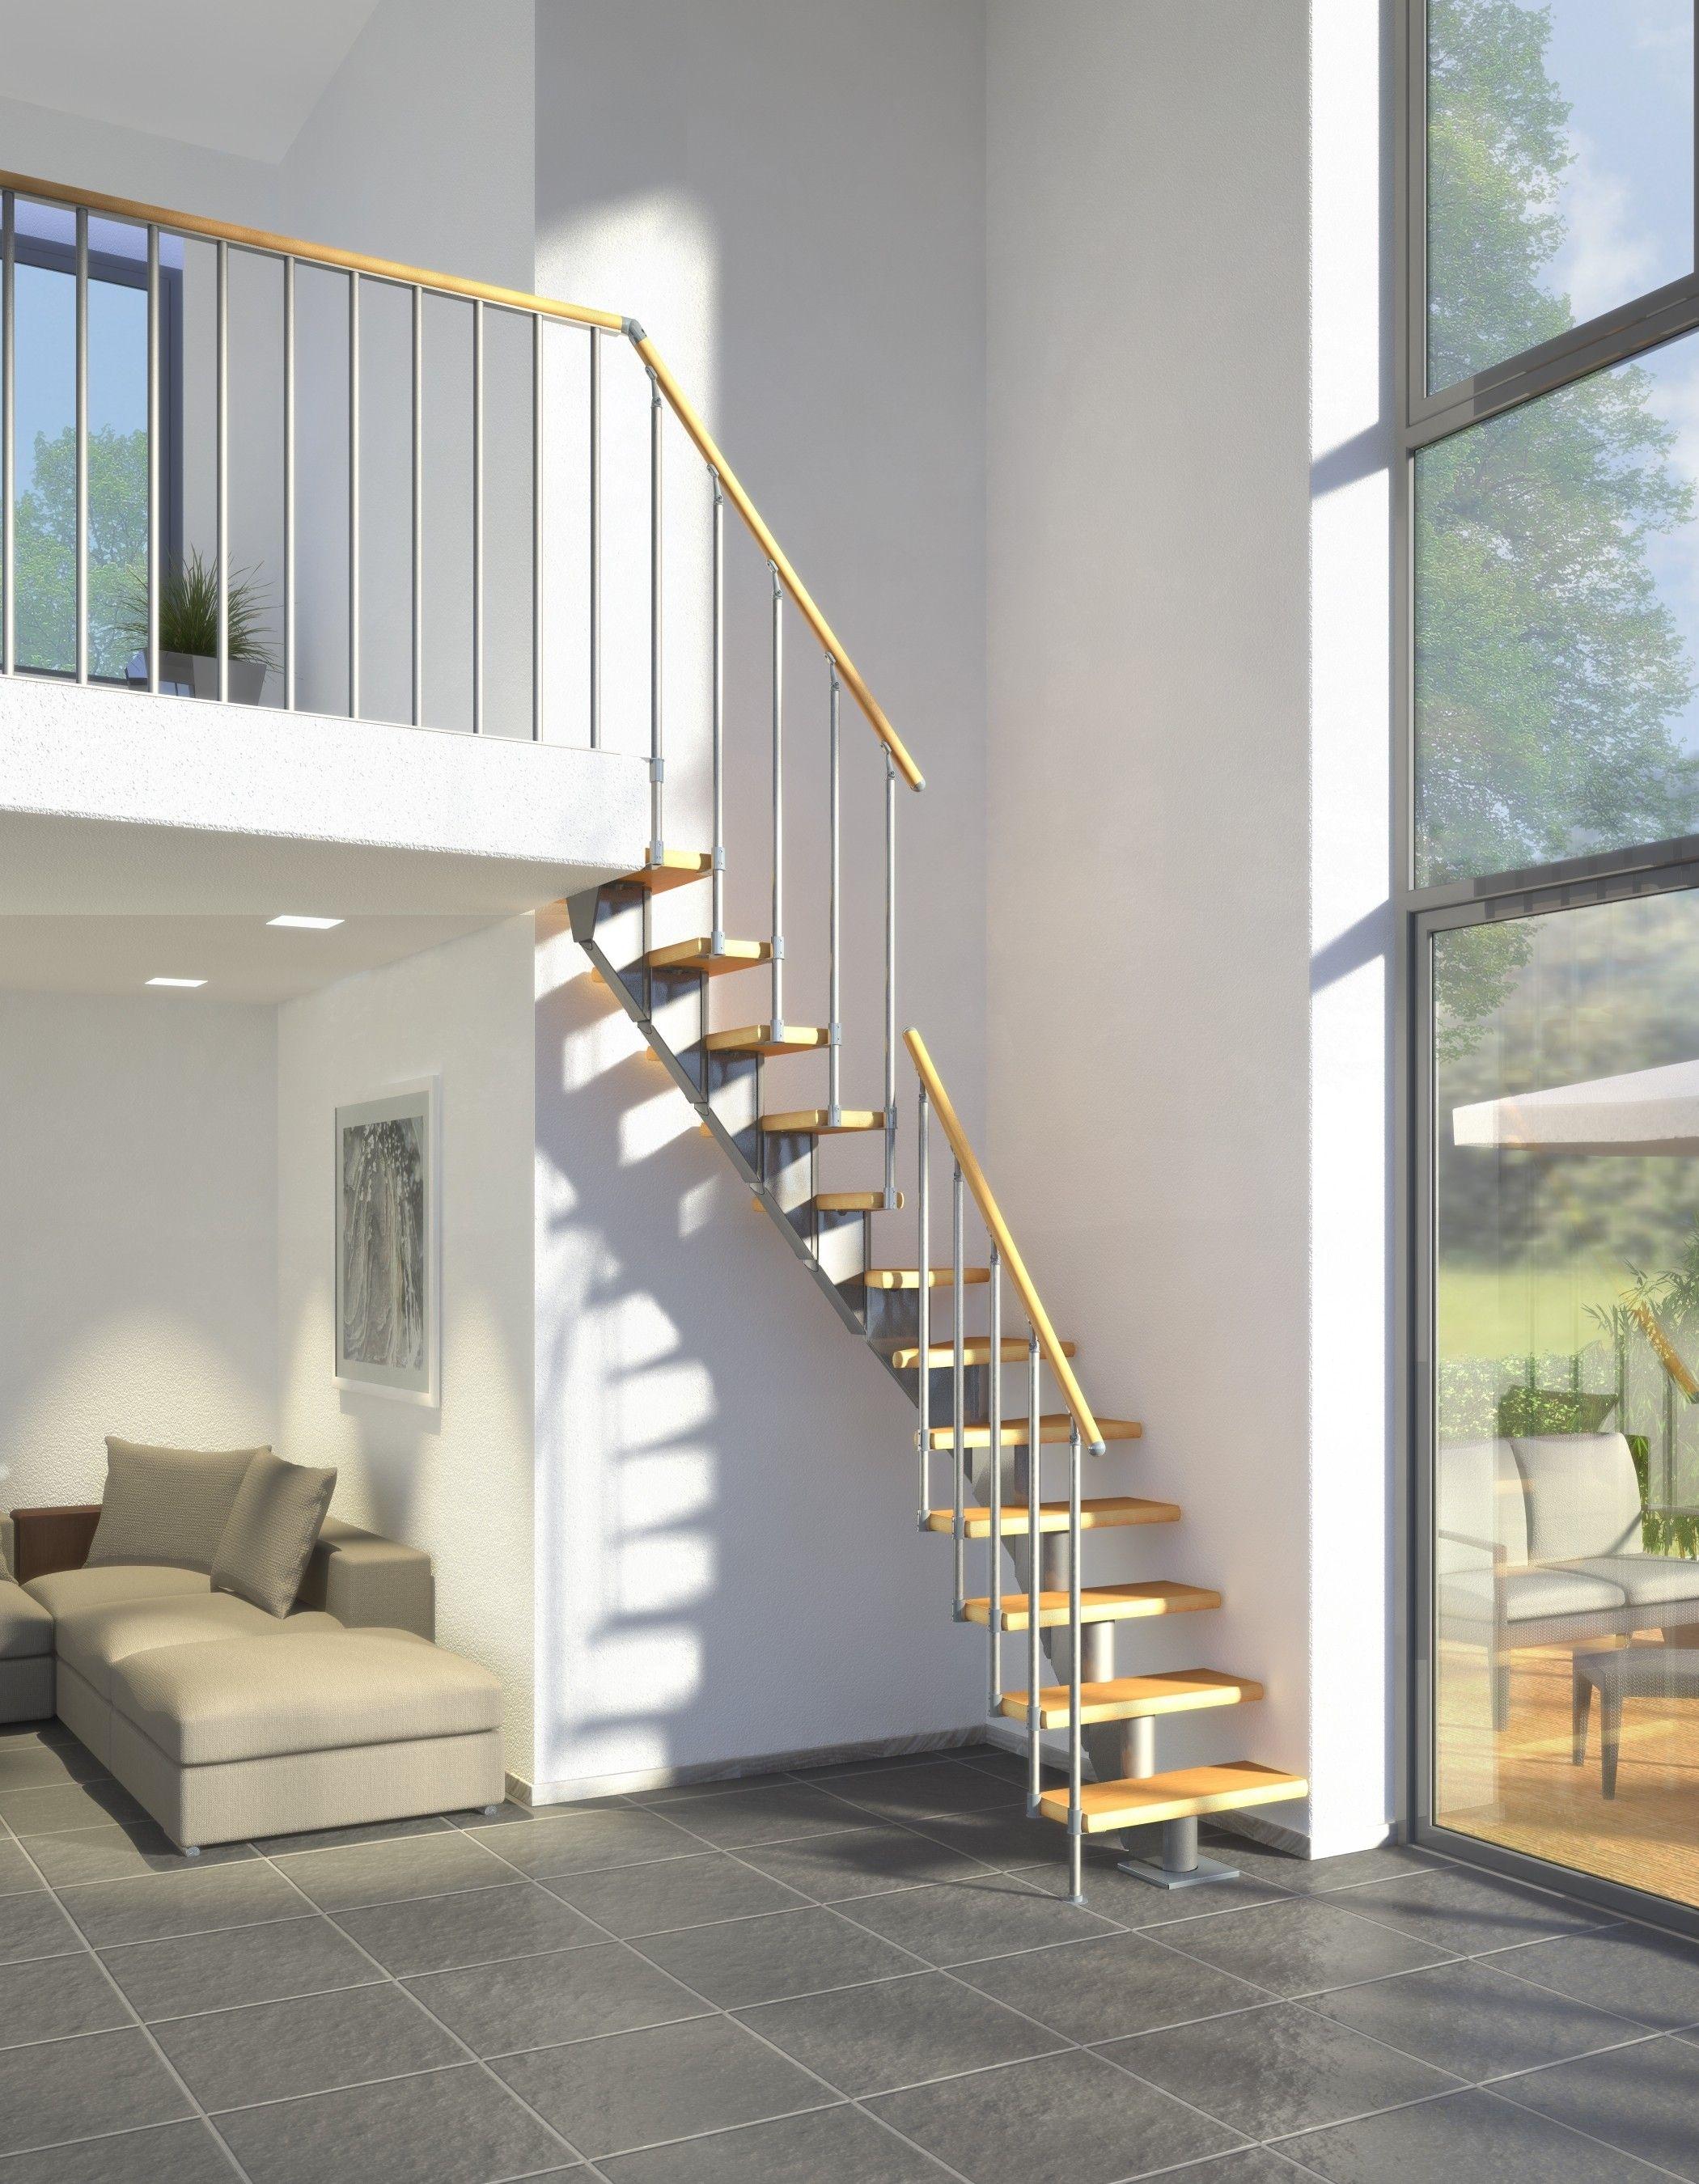 dolle mittelholmtreppe frankfurt eiche versiegelt 1 4 gewendelt mittelgrau 75 cm breite treppe. Black Bedroom Furniture Sets. Home Design Ideas